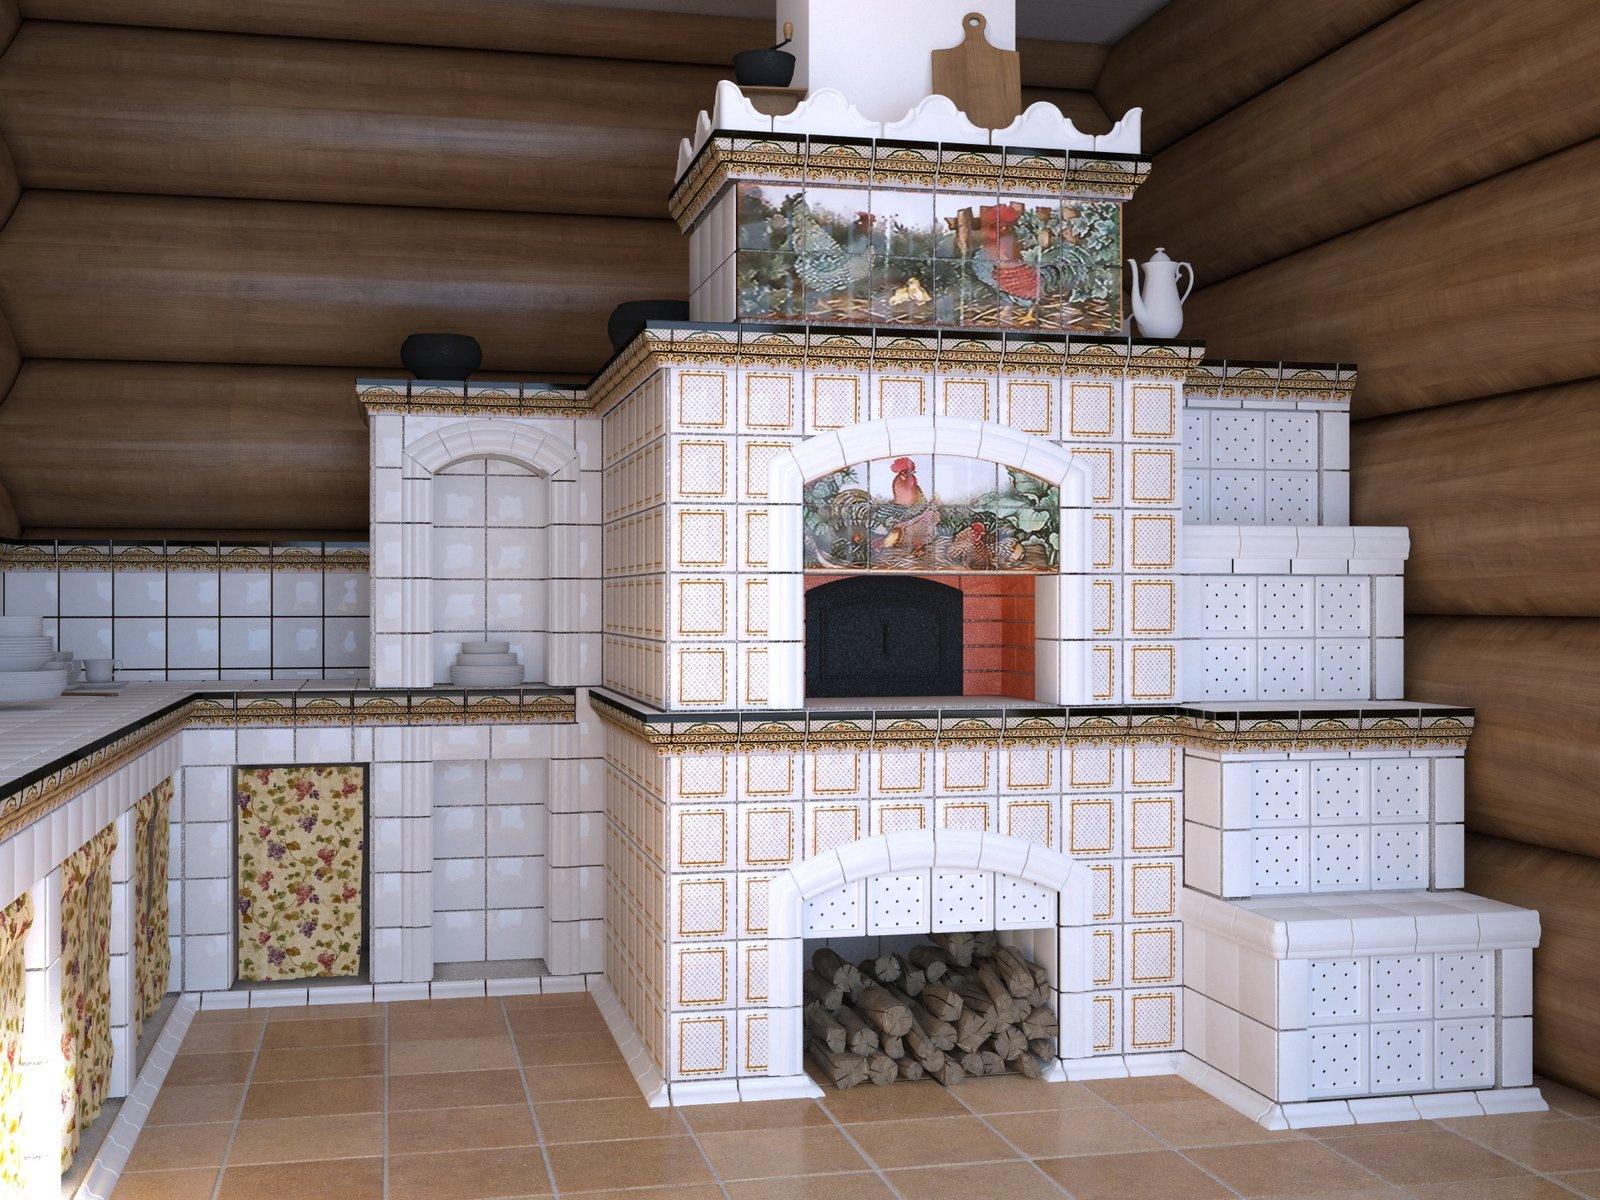 Как украсить печь в доме своими руками в деревянном доме 64